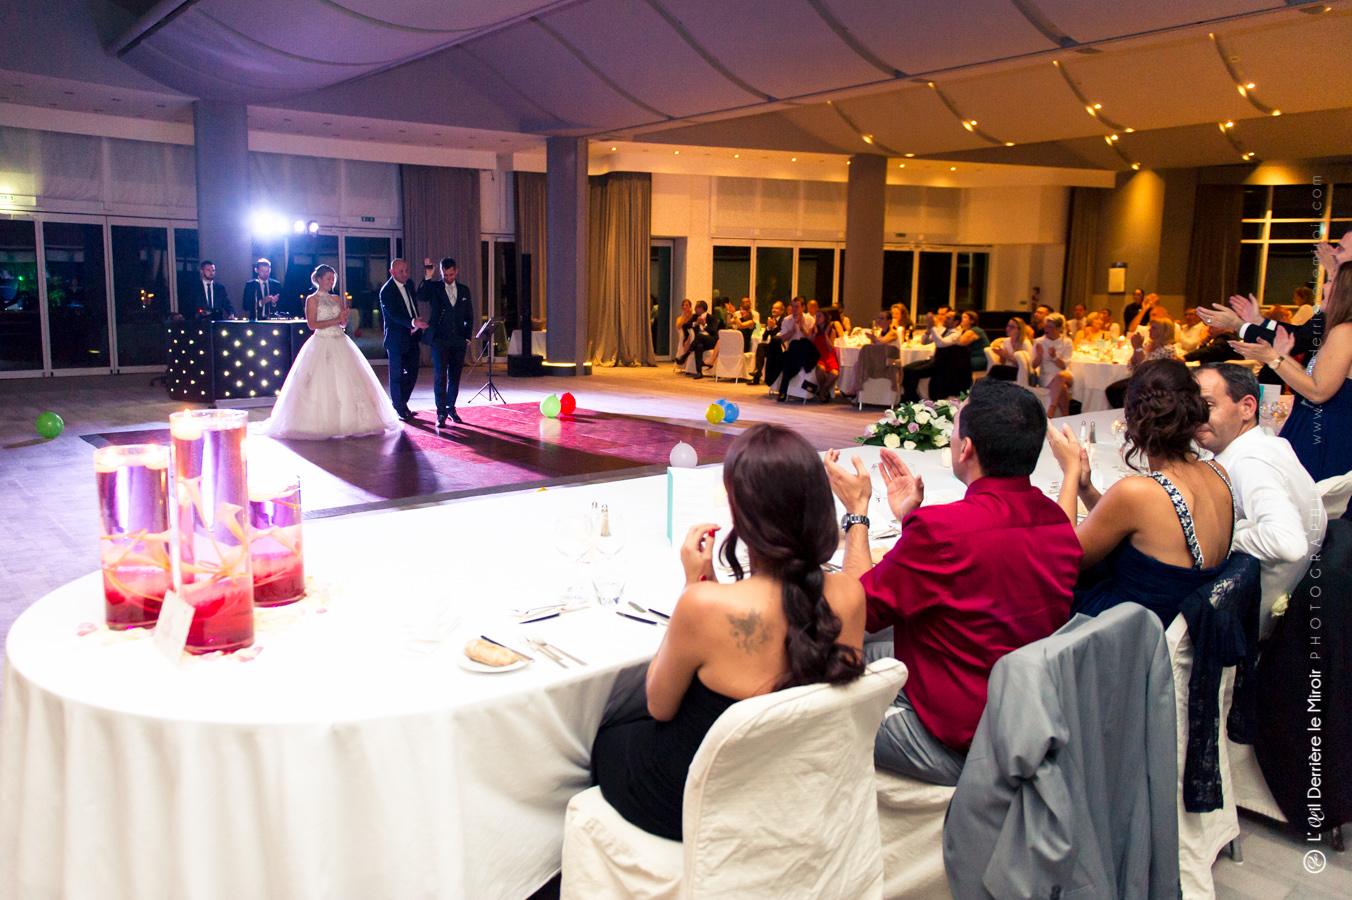 Photographe-mariage-monaco-loeilderrierelemiroir-085